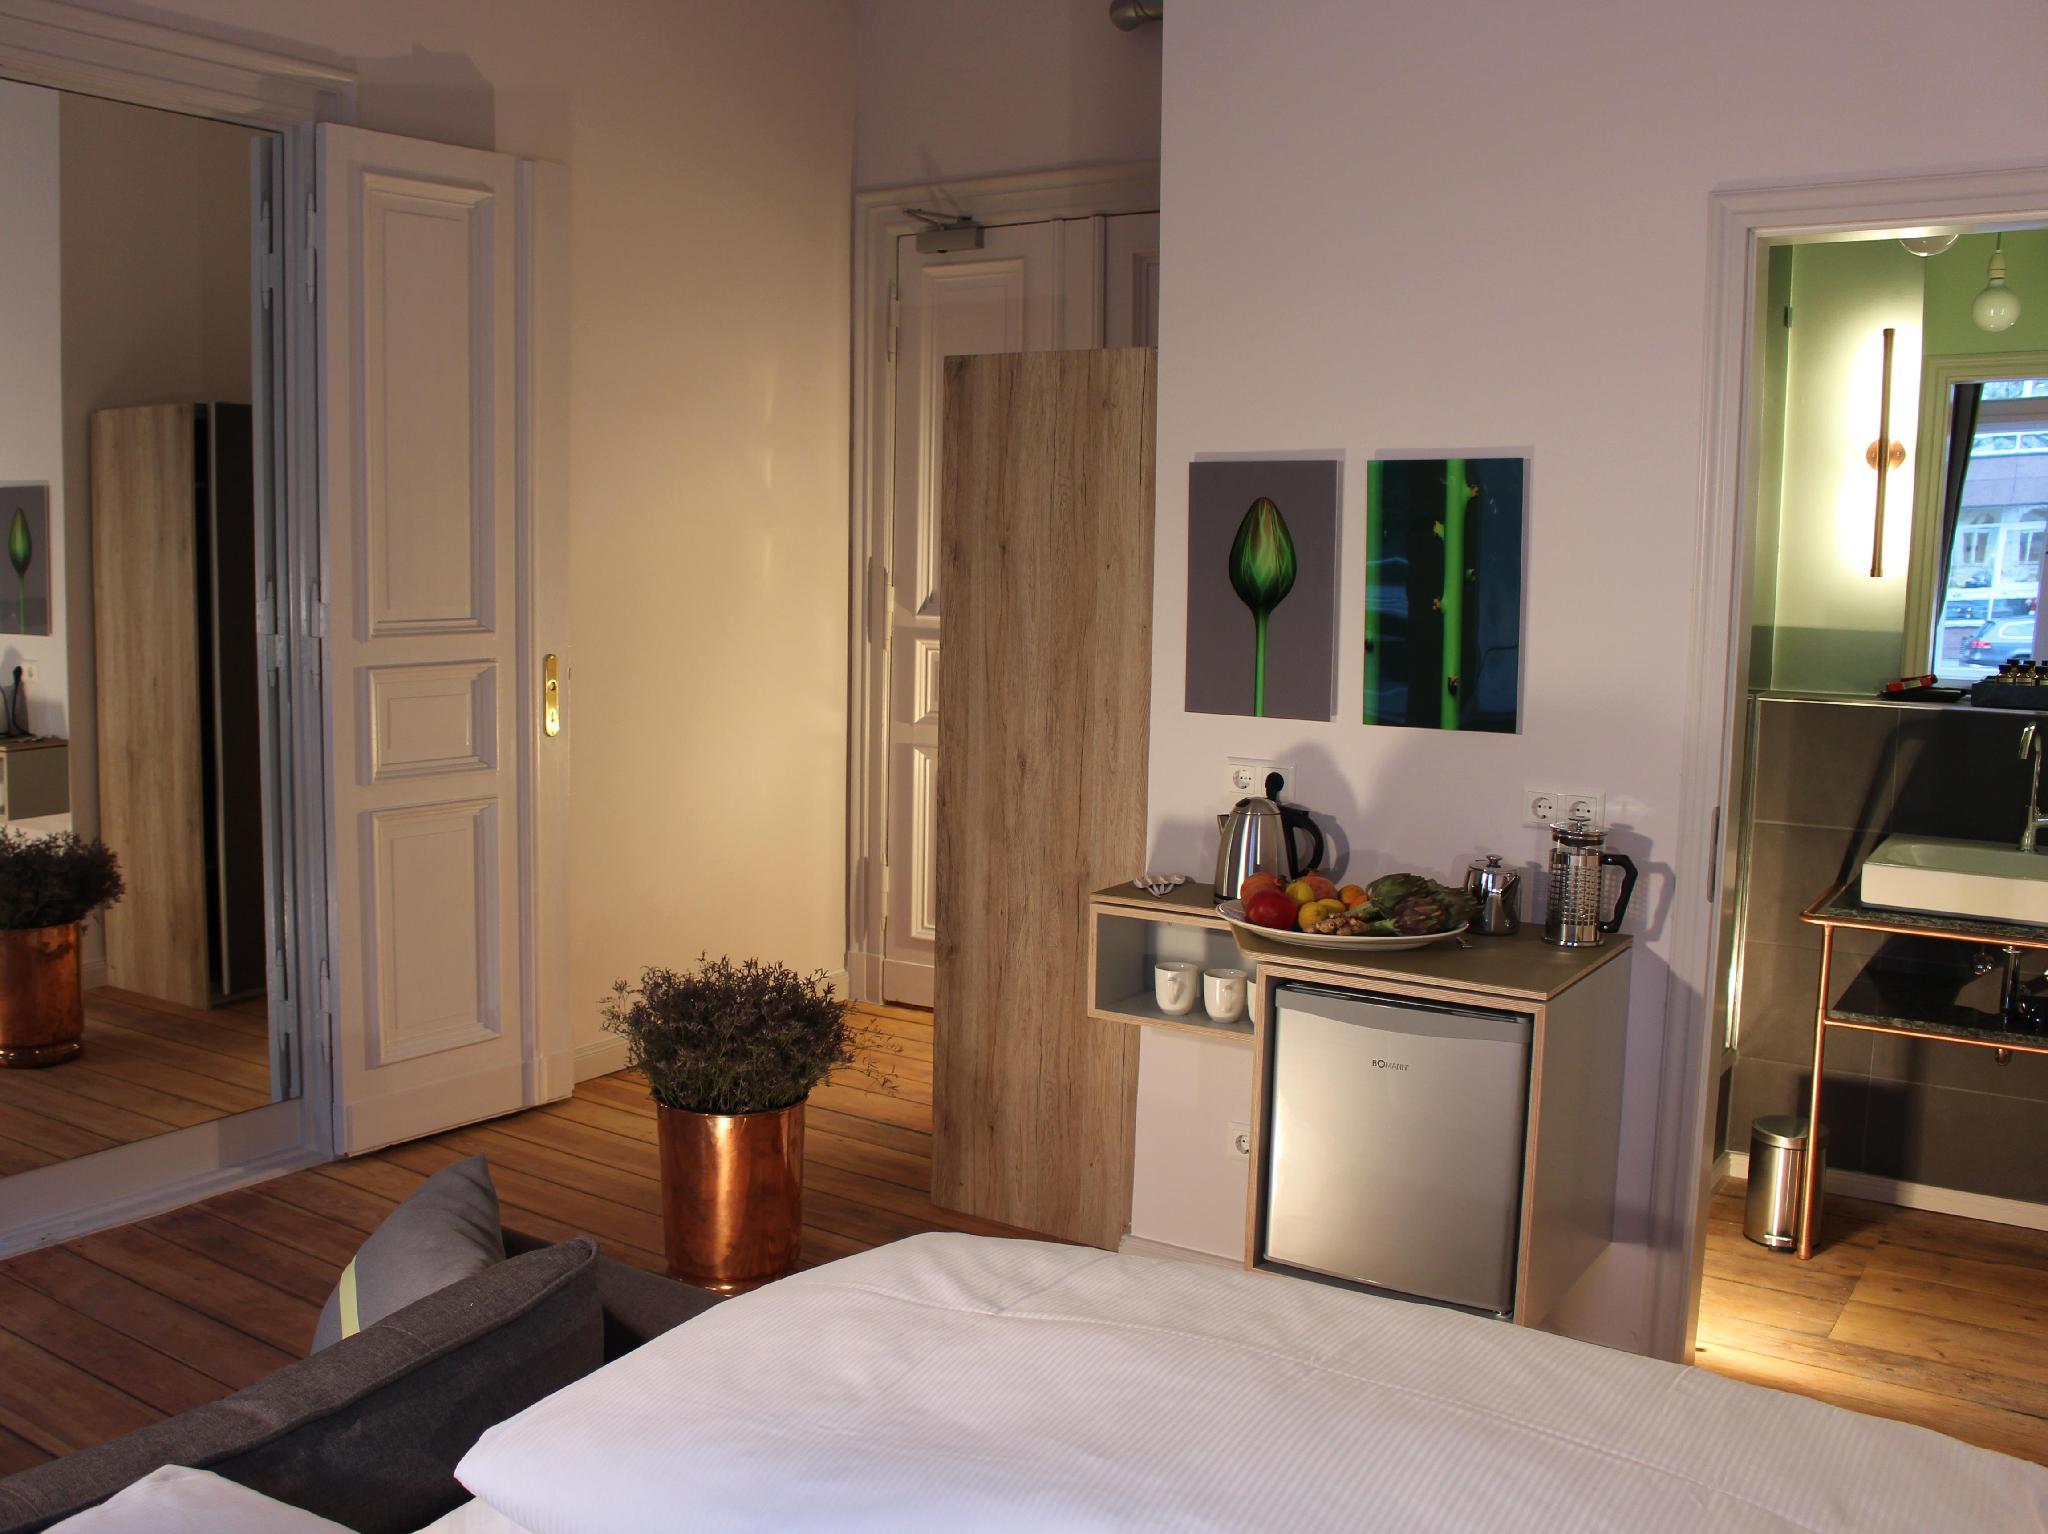 Vilhelm 7 Berlin Residences - Hotell och Boende i Tyskland i Europa